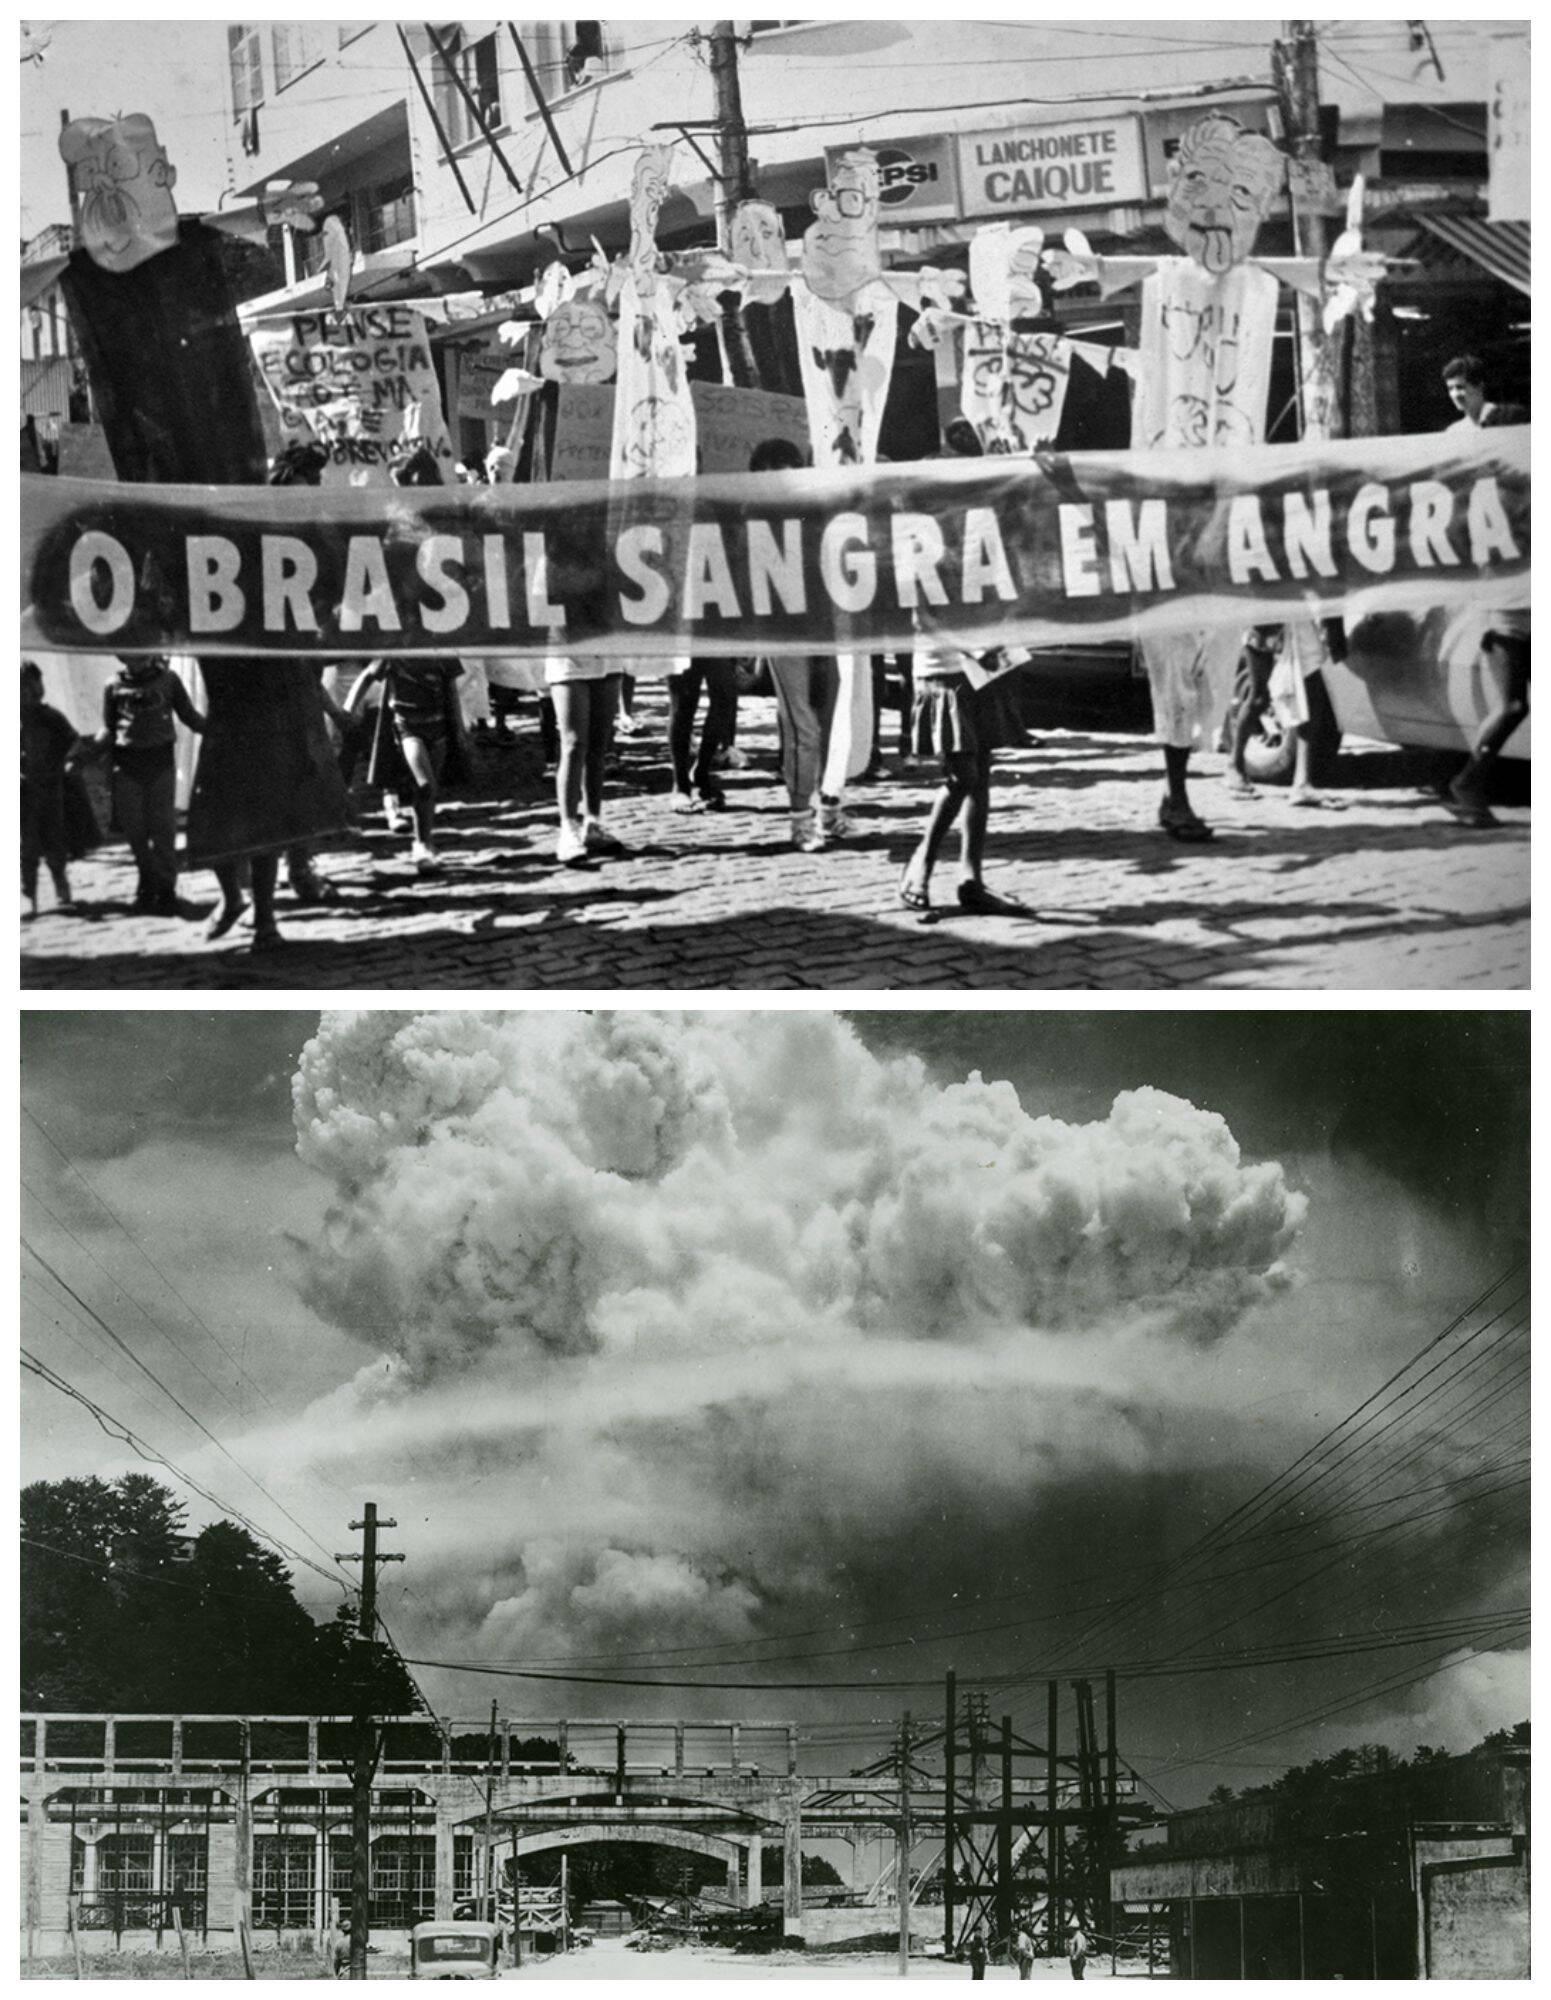 Em cima, foto do Acervo SAPÊ, em Angra dos Reis, na década de 1980; e, embaixo, Hiromichi Matsuda, foto do Museu da Bomba Atômica de Nagasaki, em Nagasaki, Japão, no dia 09 de Agosto de 1945.